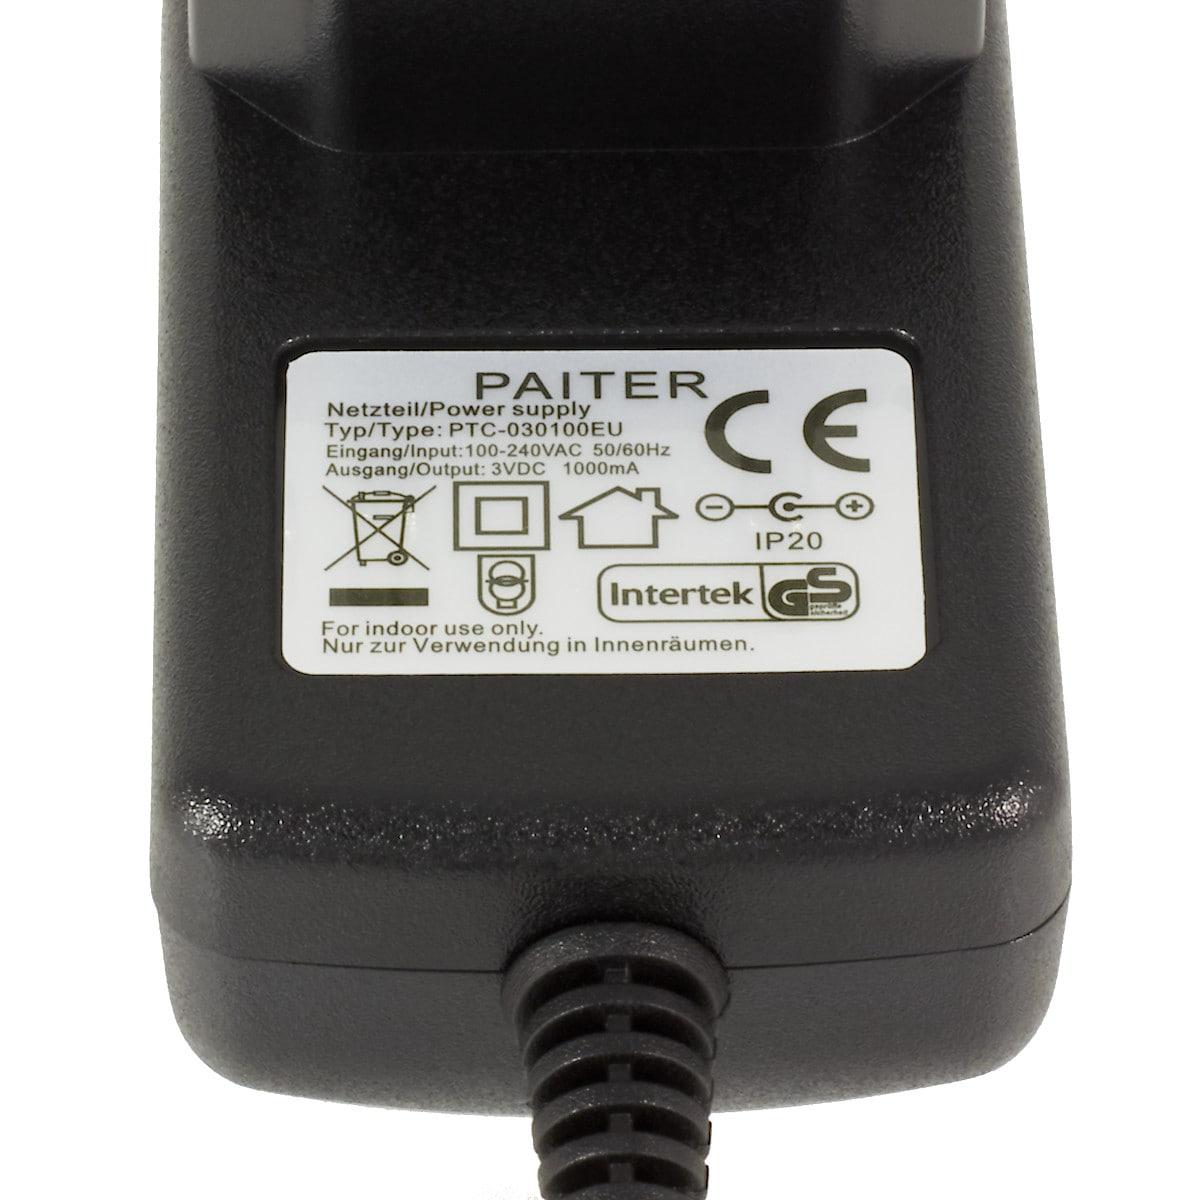 Laddare PTC-030100EU 3V Coline